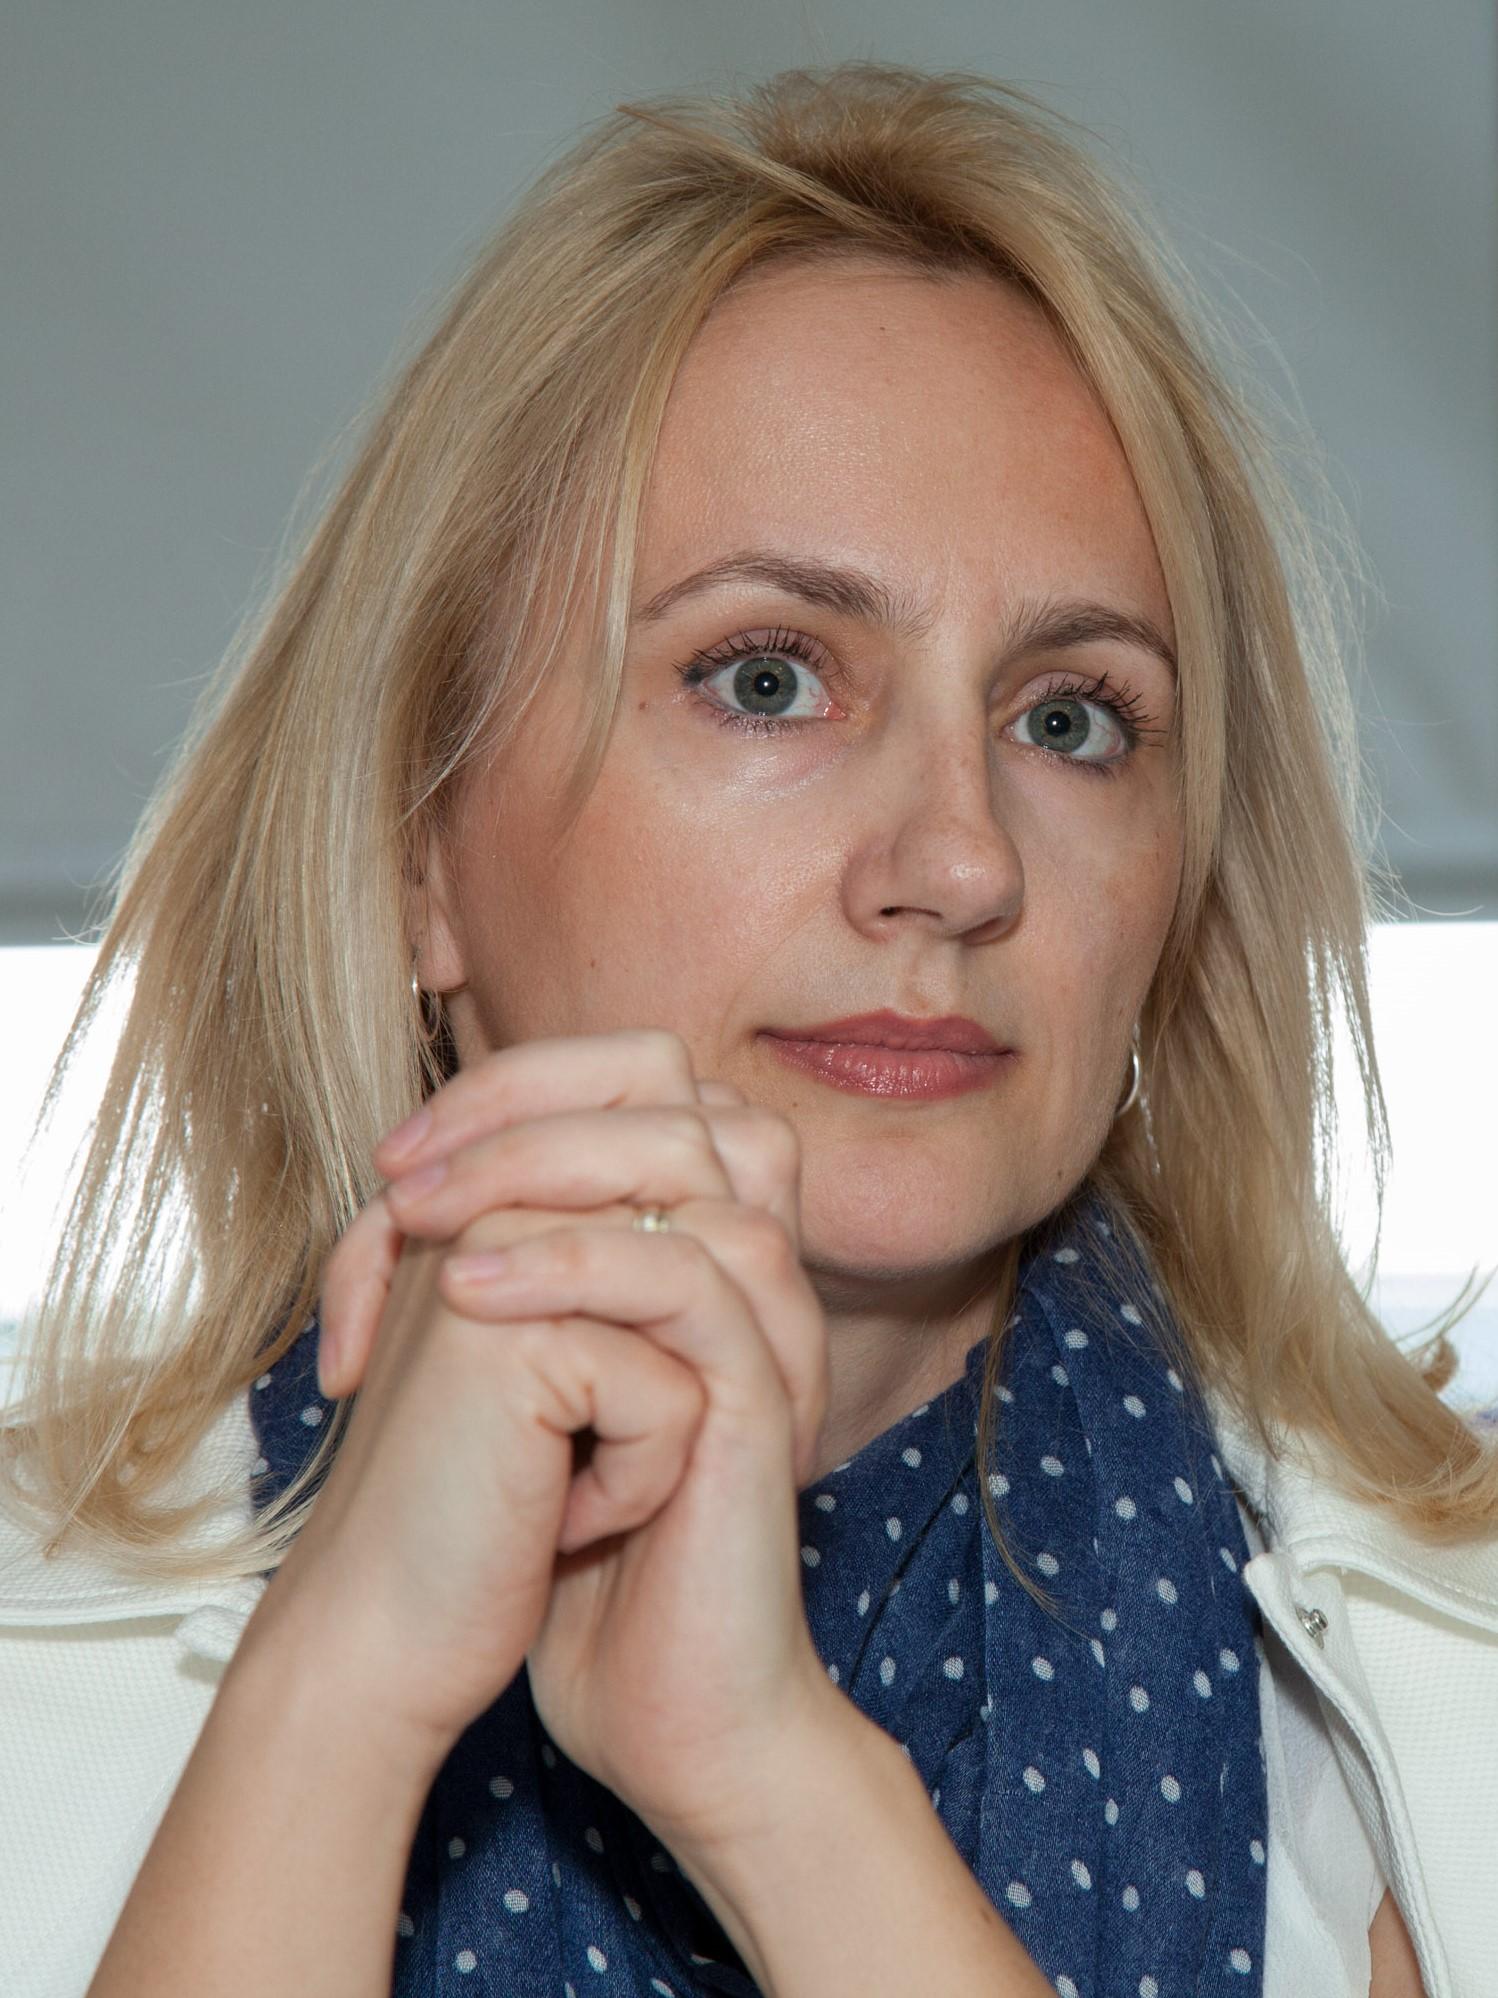 Jelena Zarkovic Rakic - Nationality: SerbianLives in: Belgrade, Serbia